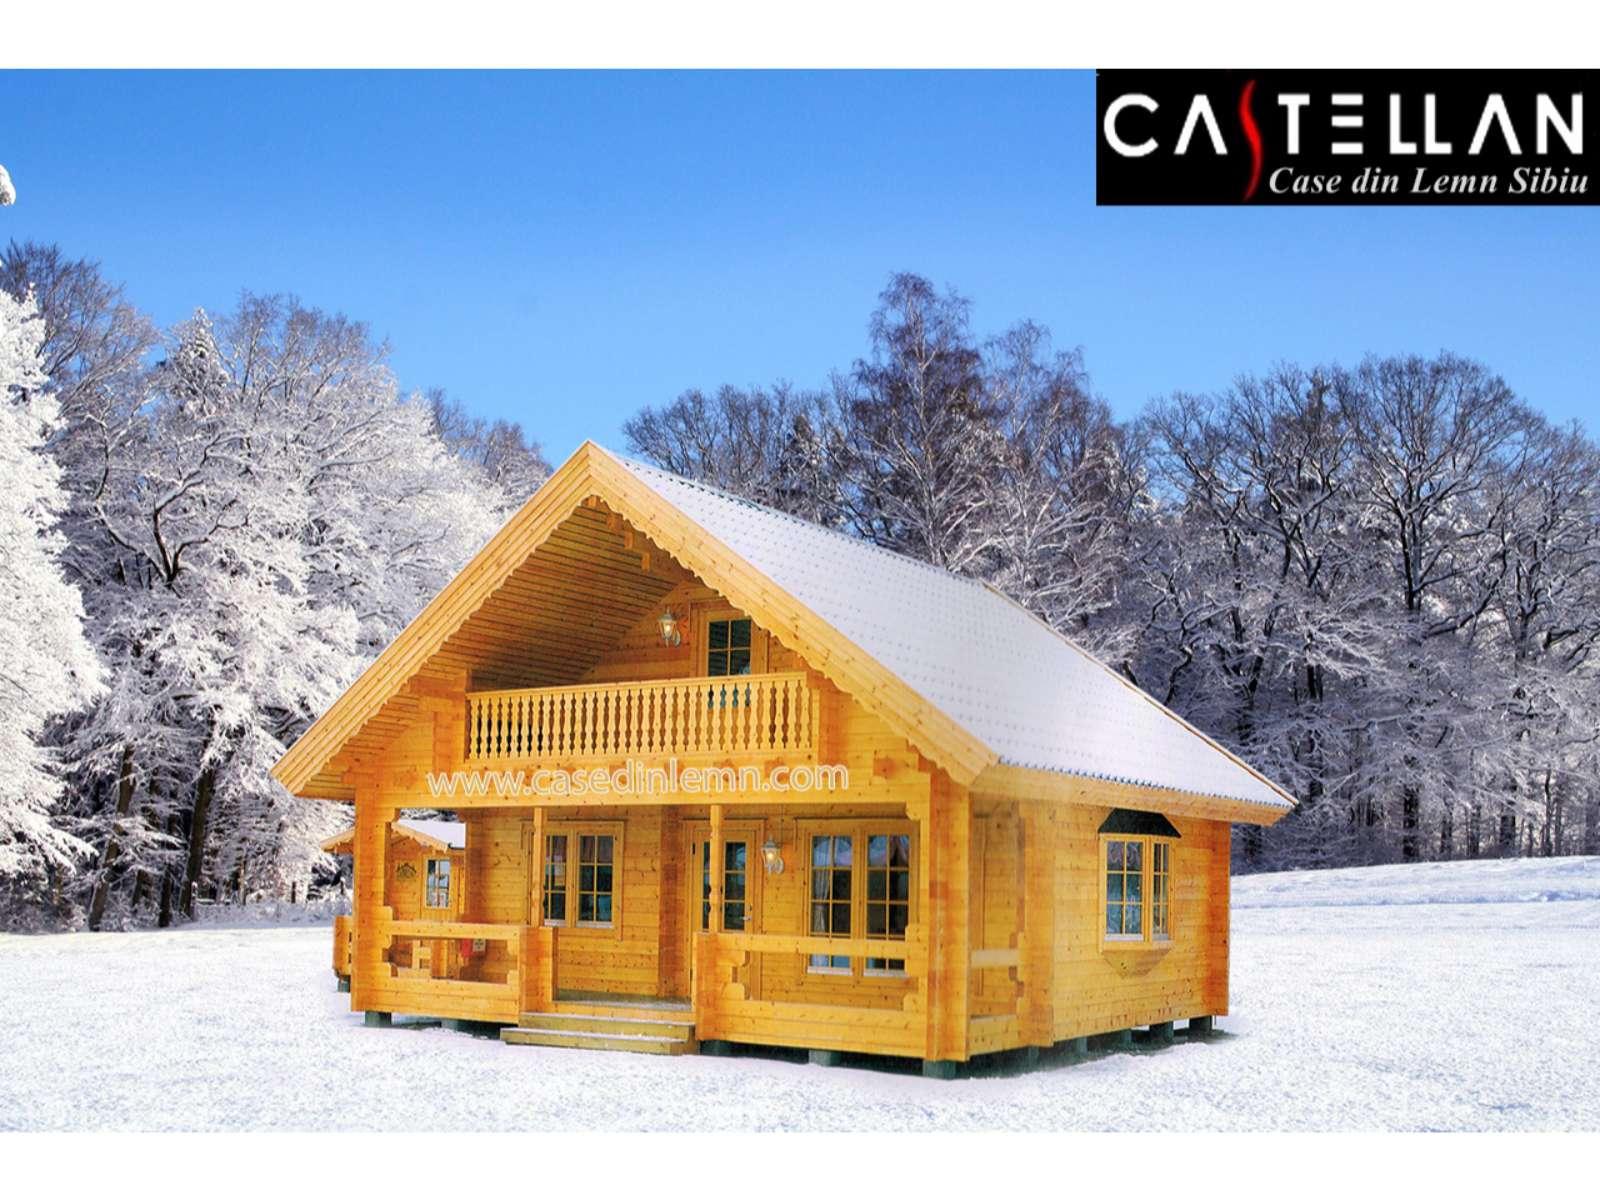 Casa Ontario Case Din Lemn Castellan